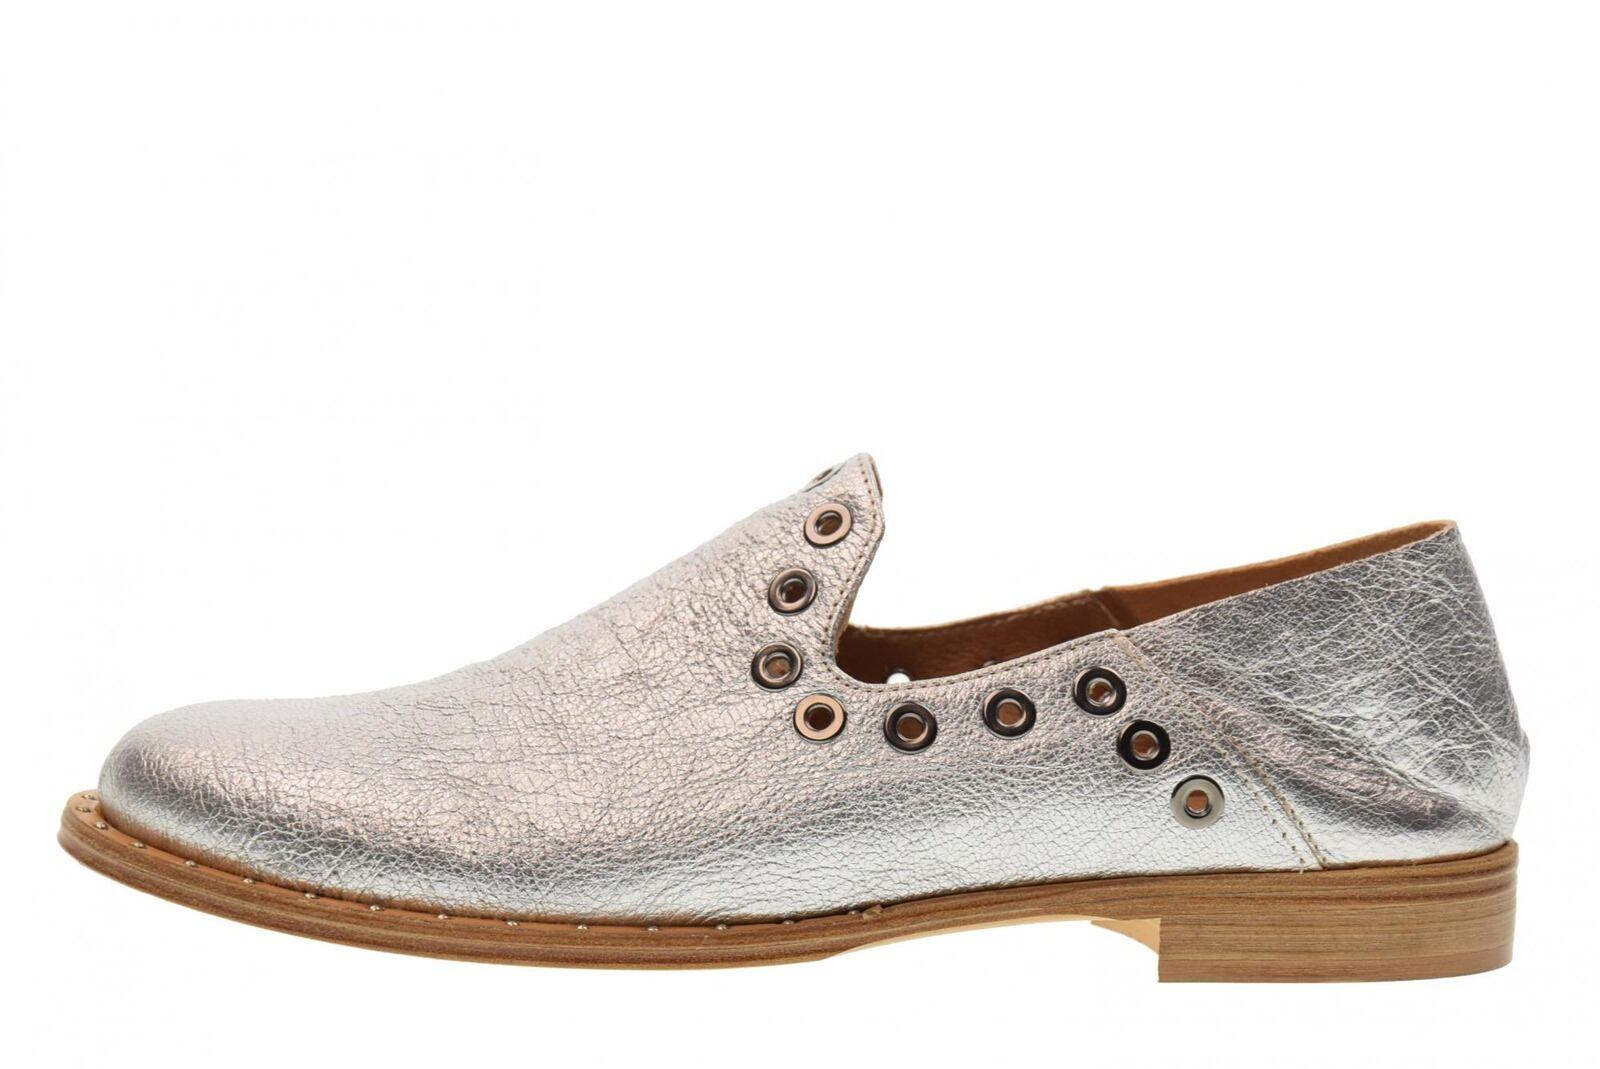 ... Erman s scarpe scarpe scarpe donna mocassino ST01 ARGENTO P18 751cd8 ... b05d9a56e36